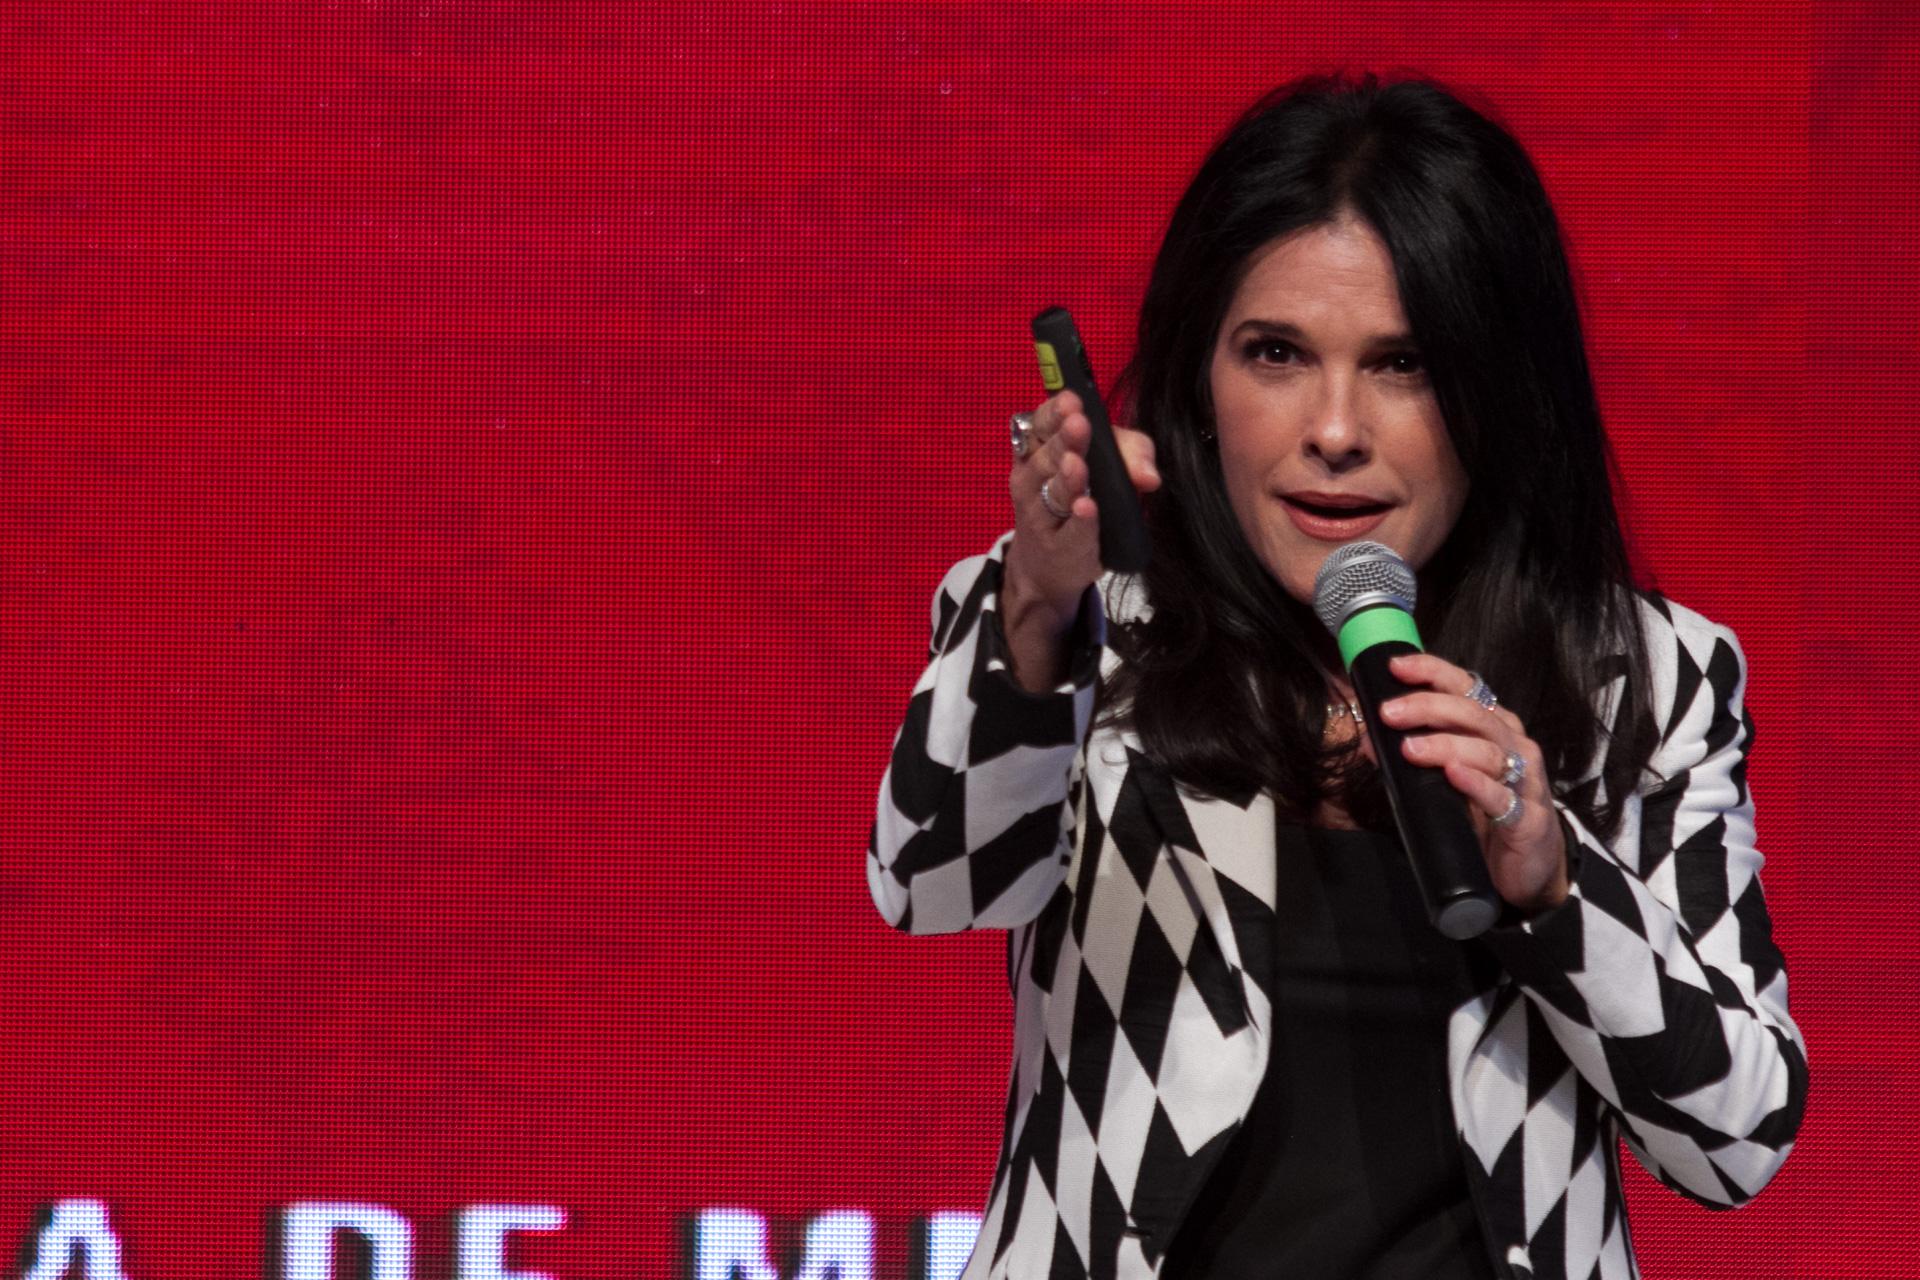 Los emprendedores deben atreverse a hacer locuras: Martha DeBayle